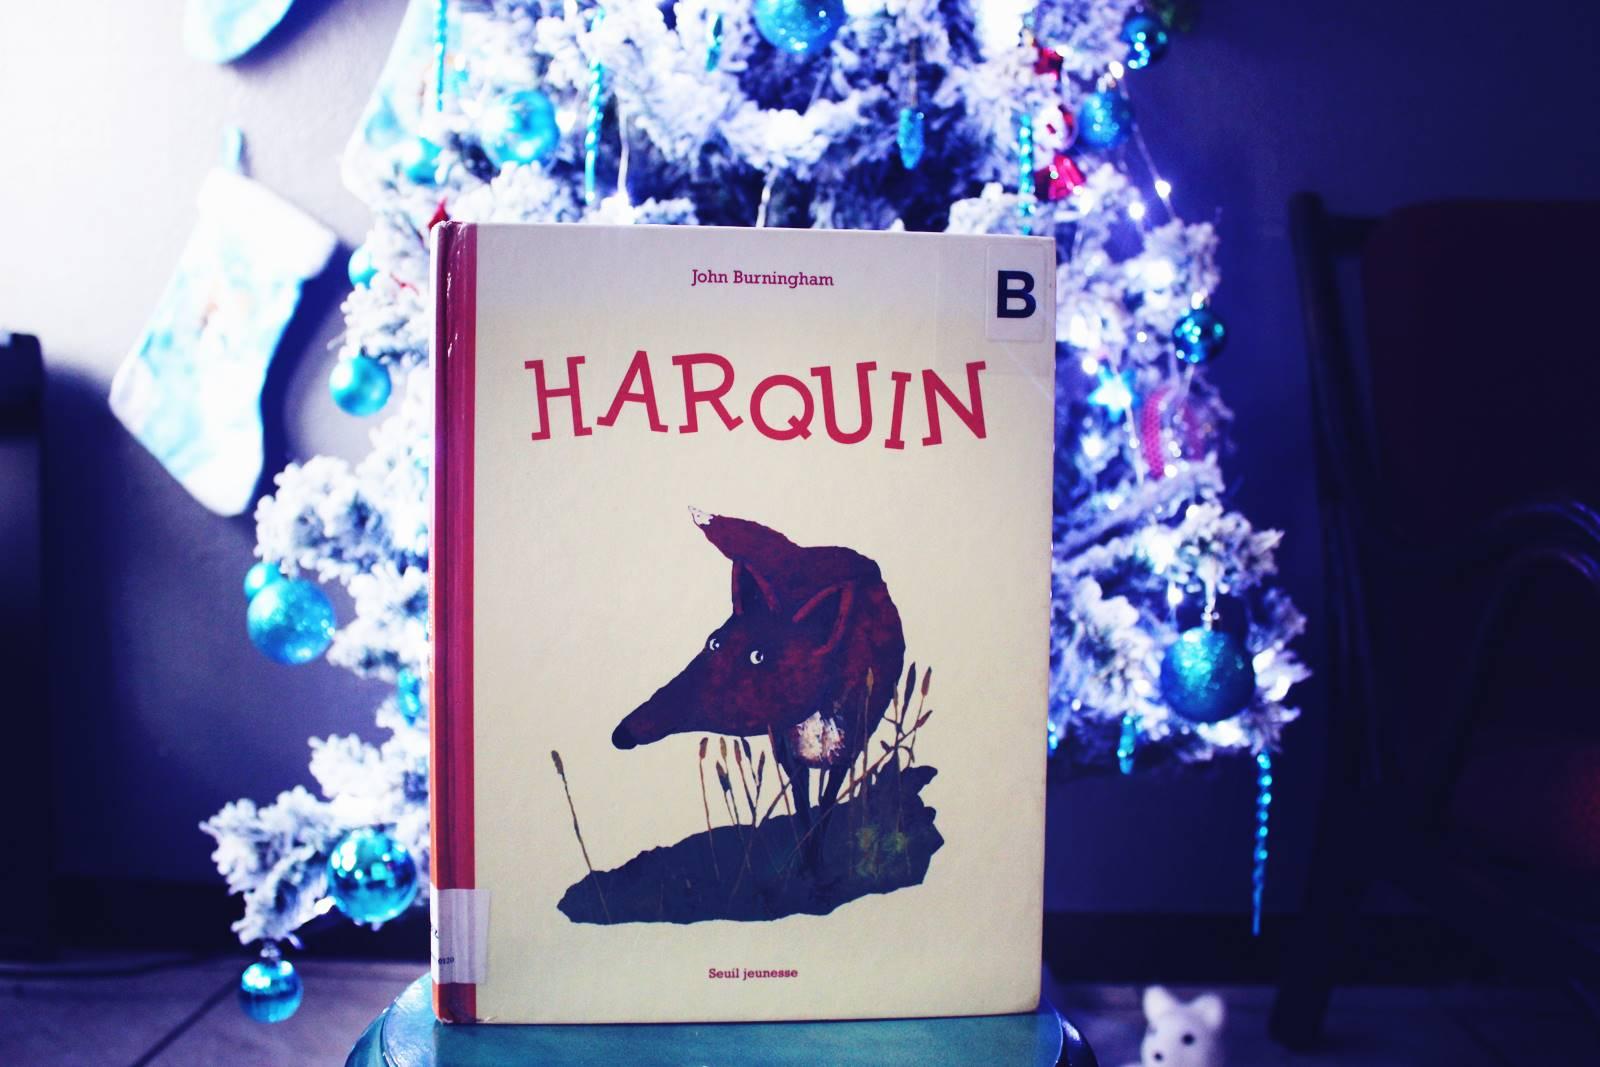 Harquin seuil jeunesse livre enfant